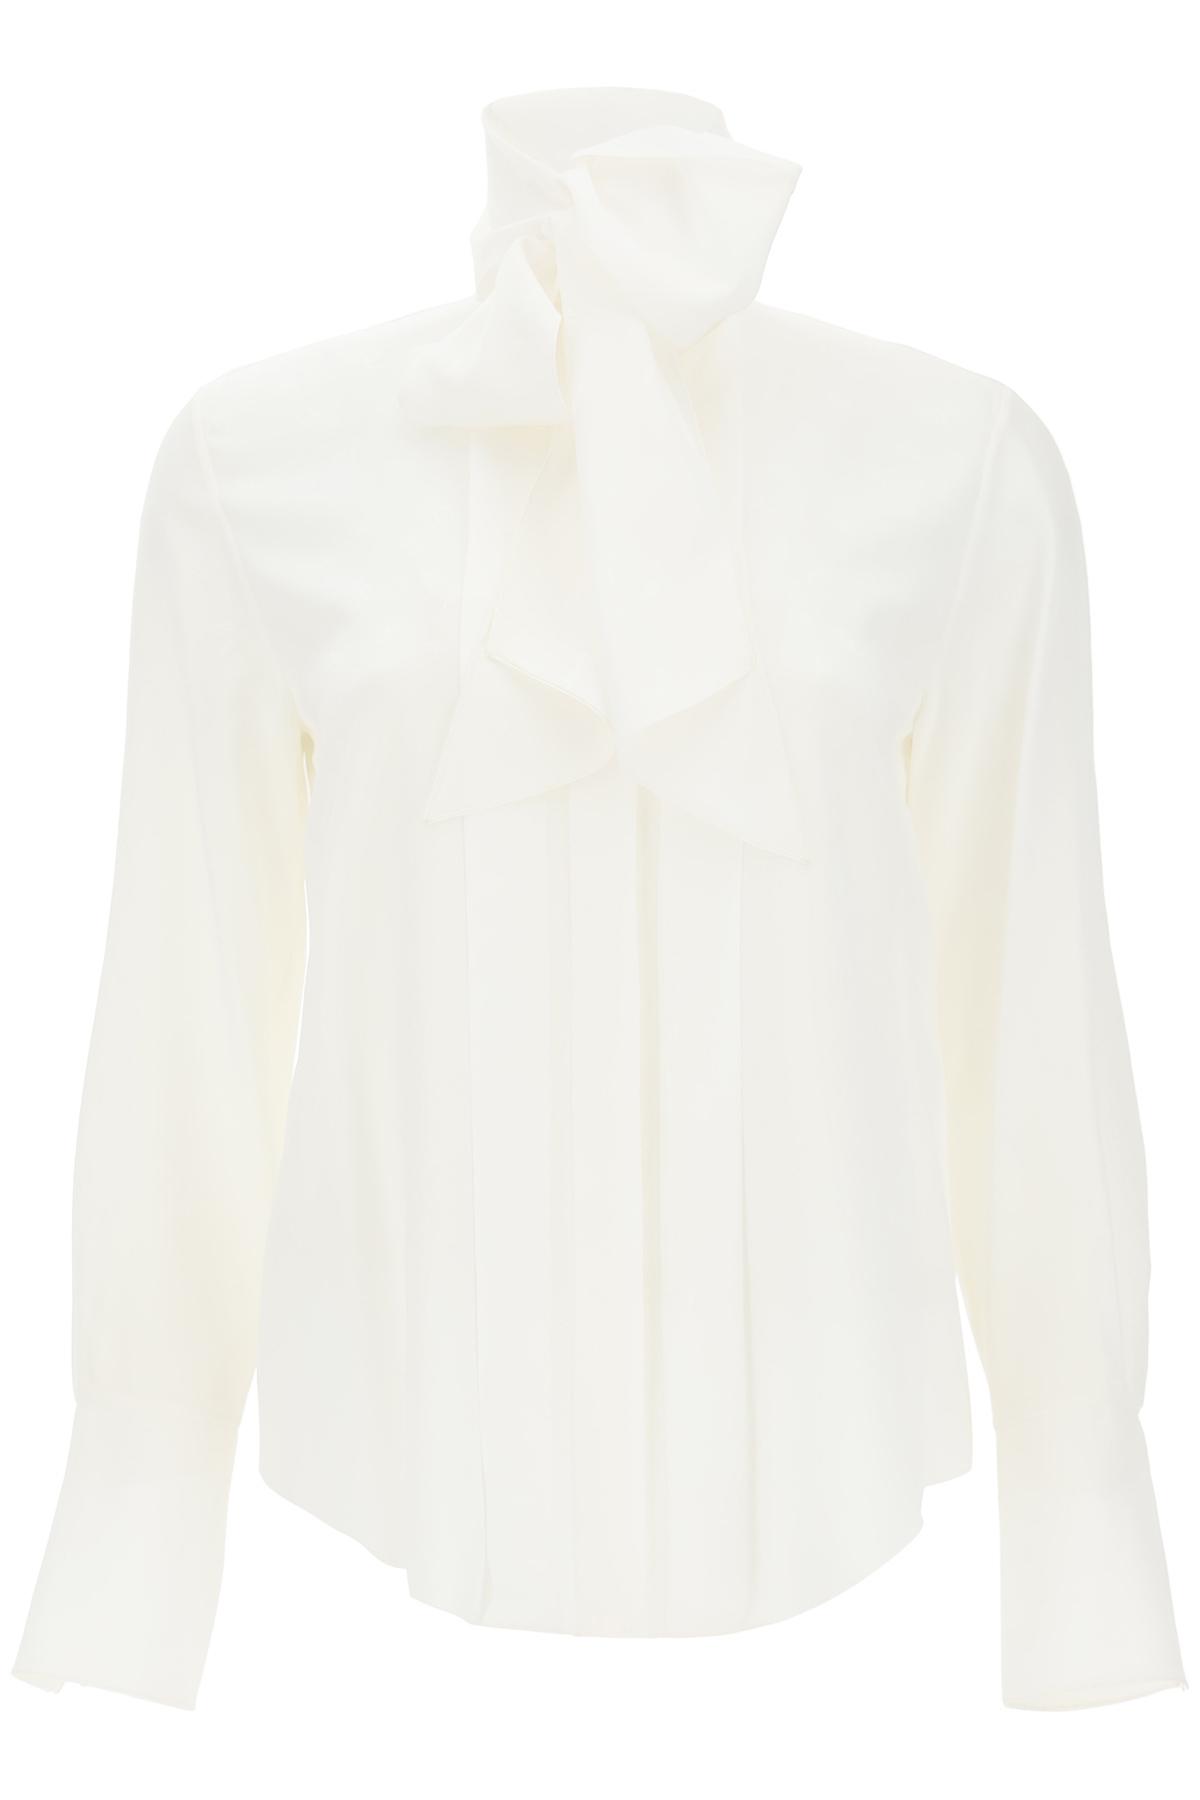 Chloe' camicia seta monogram con lavalliere